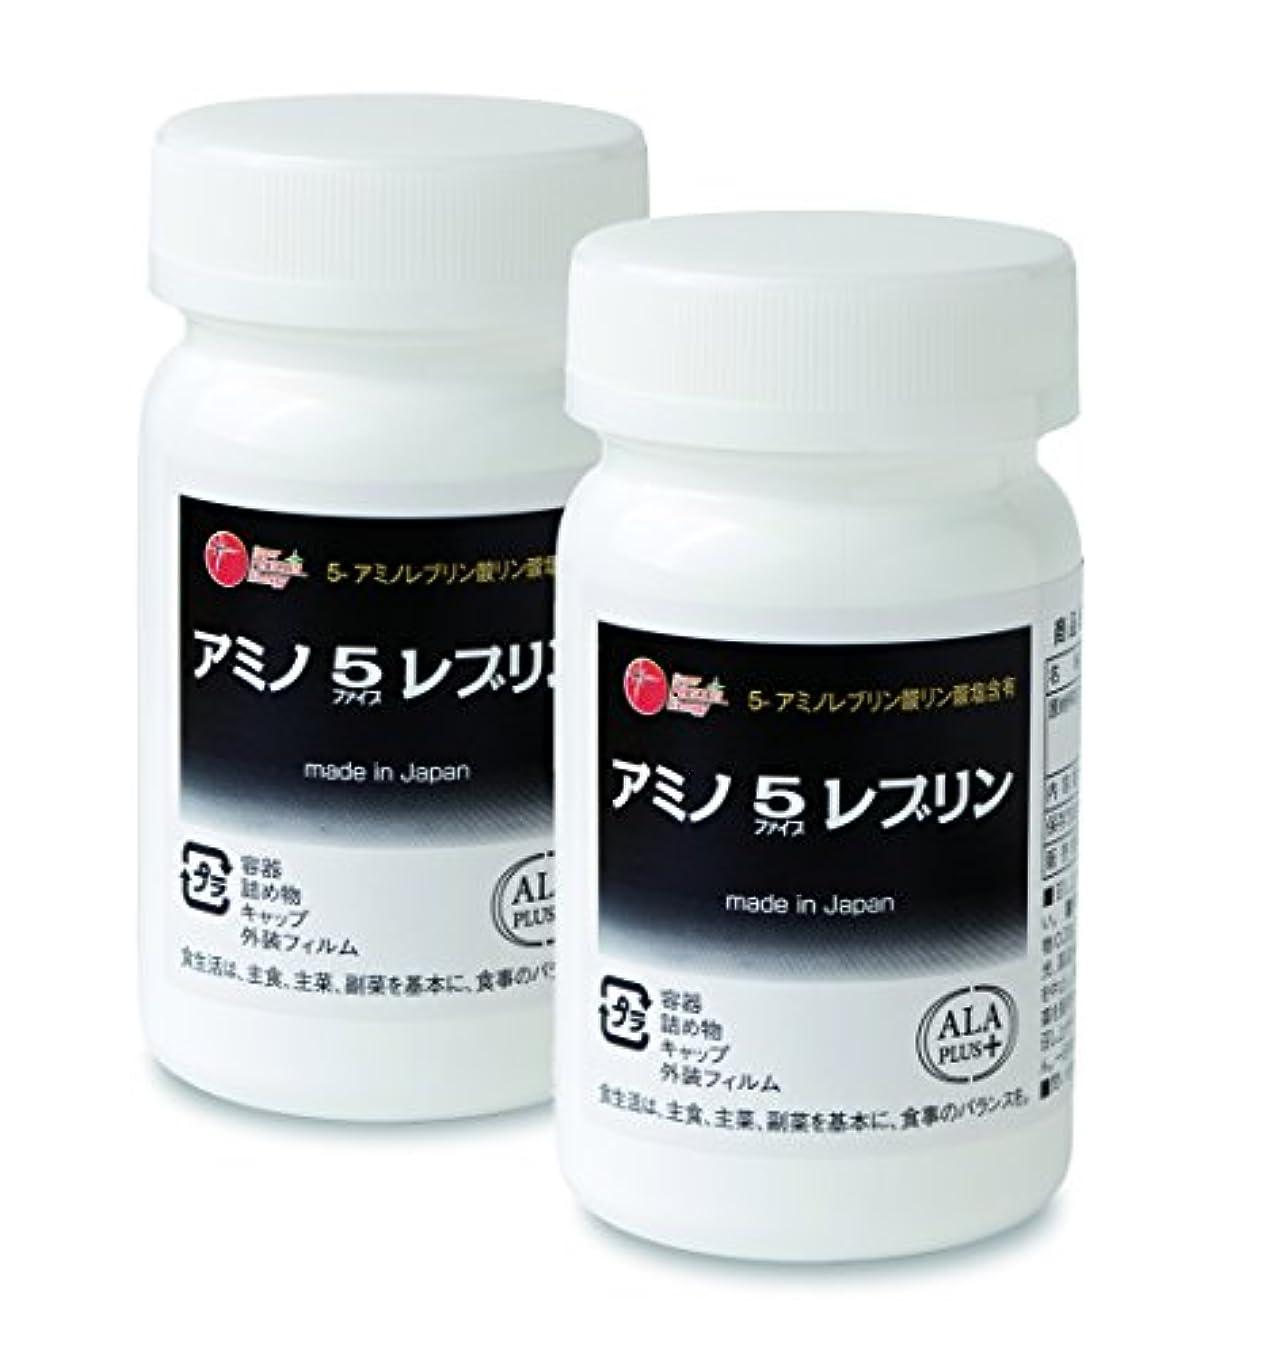 満足できる均等に樹木アミノ5レブリン ALA(5-アミノレブリン酸)配合 2本セット